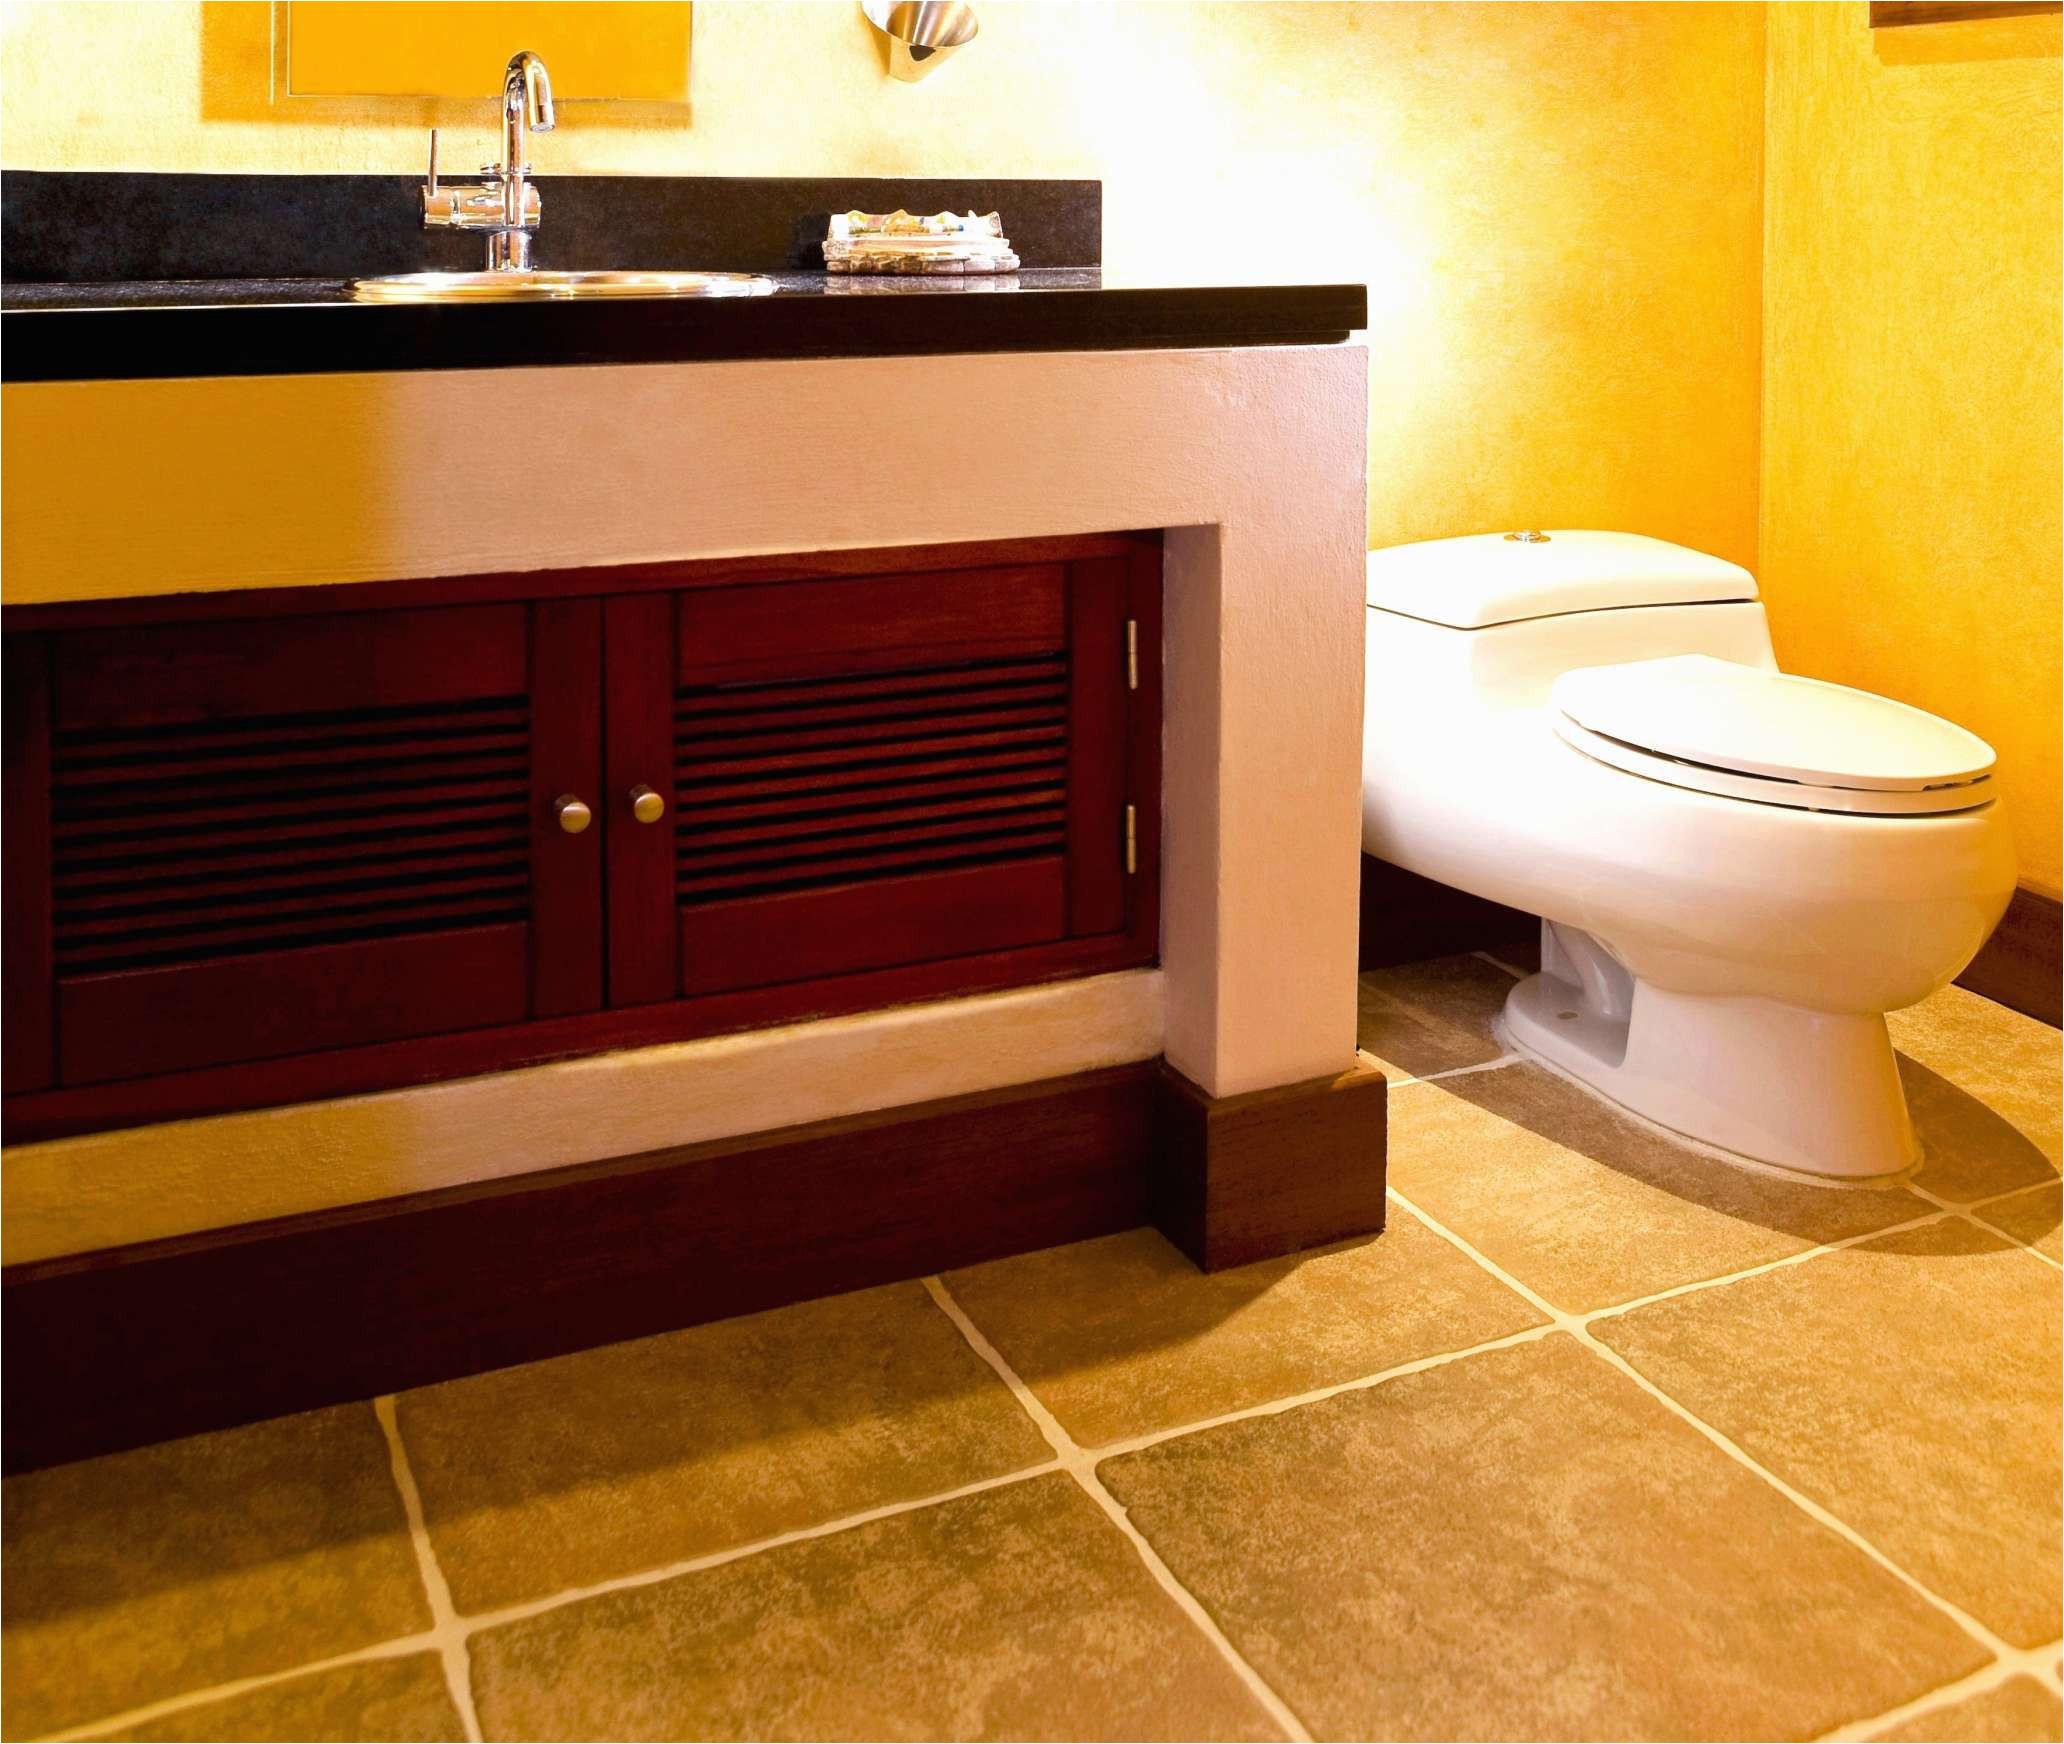 bathroom tiles ideas for small bathrooms lovely fascinating bathroom tile ideas 2017 bathroom tile floor ideas